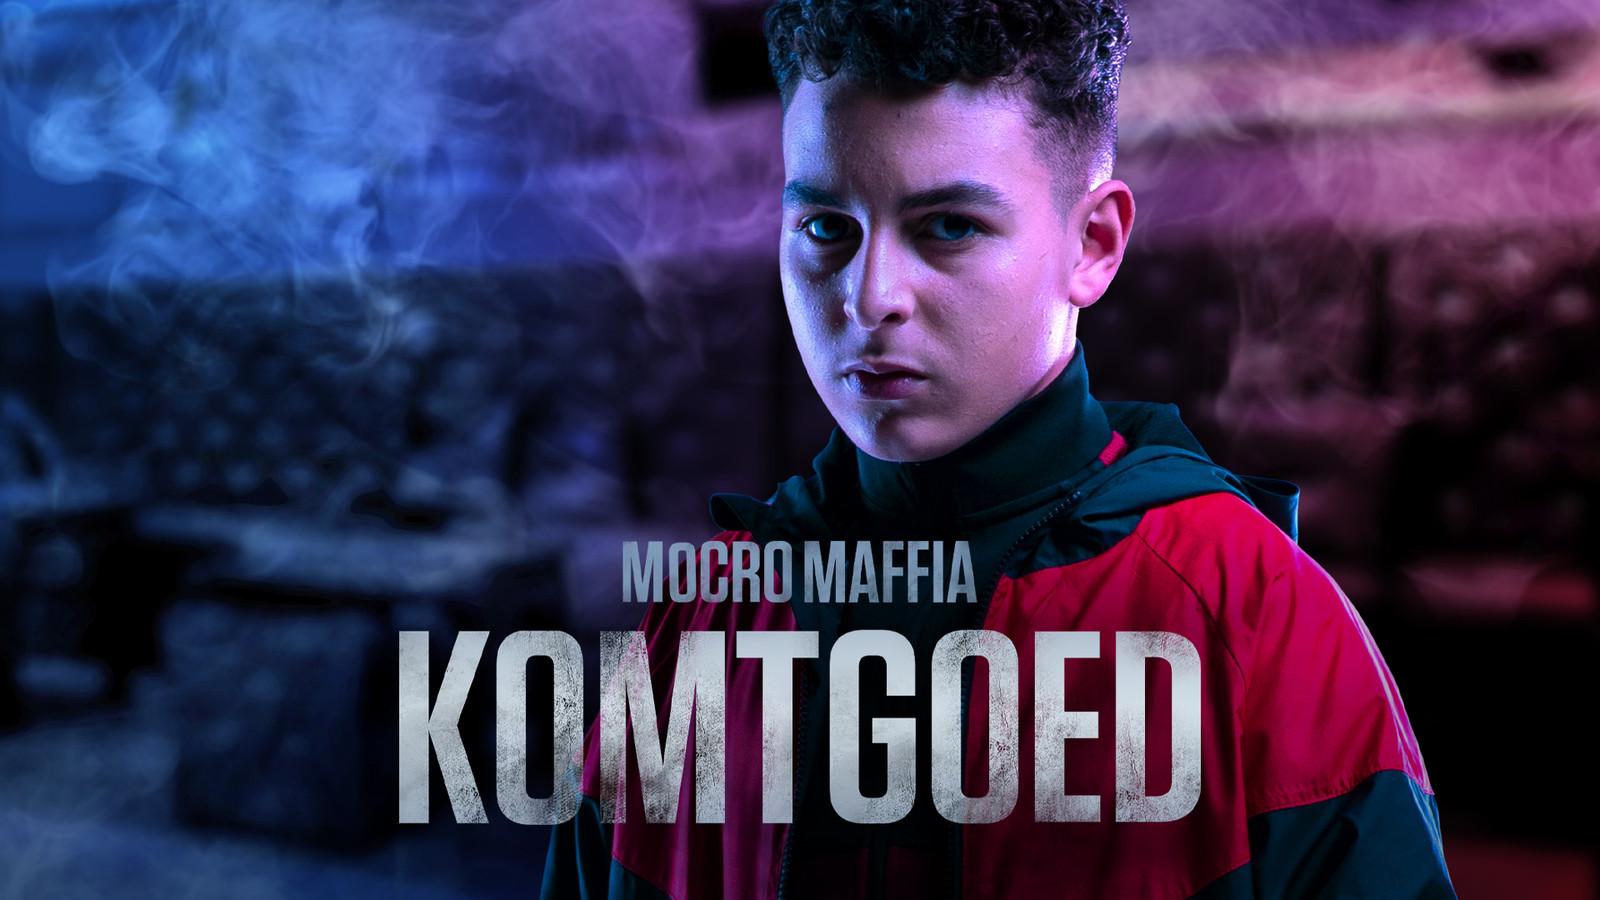 Mocro Maffia: Komtgoed